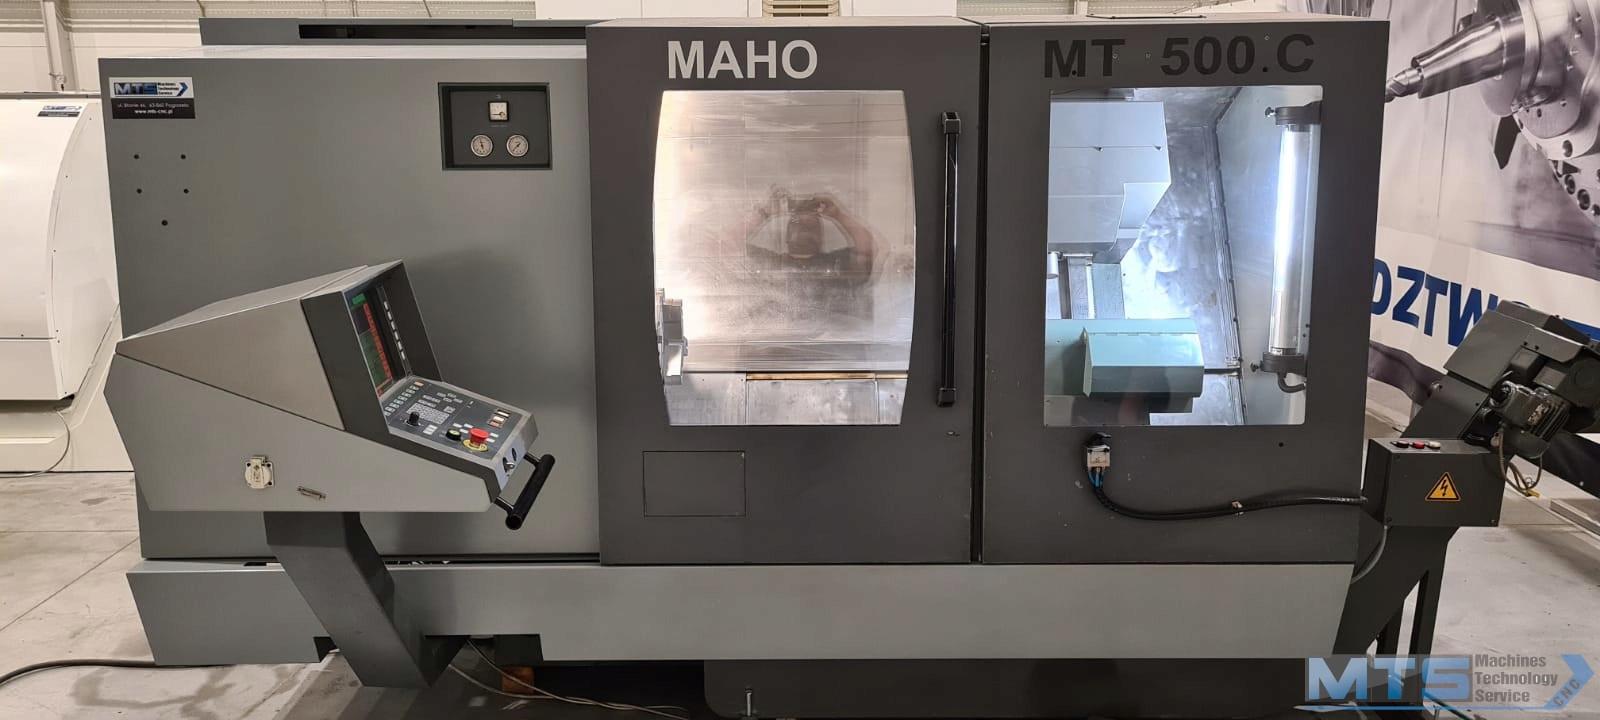 Tokarka DMG CNC MAHO GRAZIANO MT500C netto 80910zł